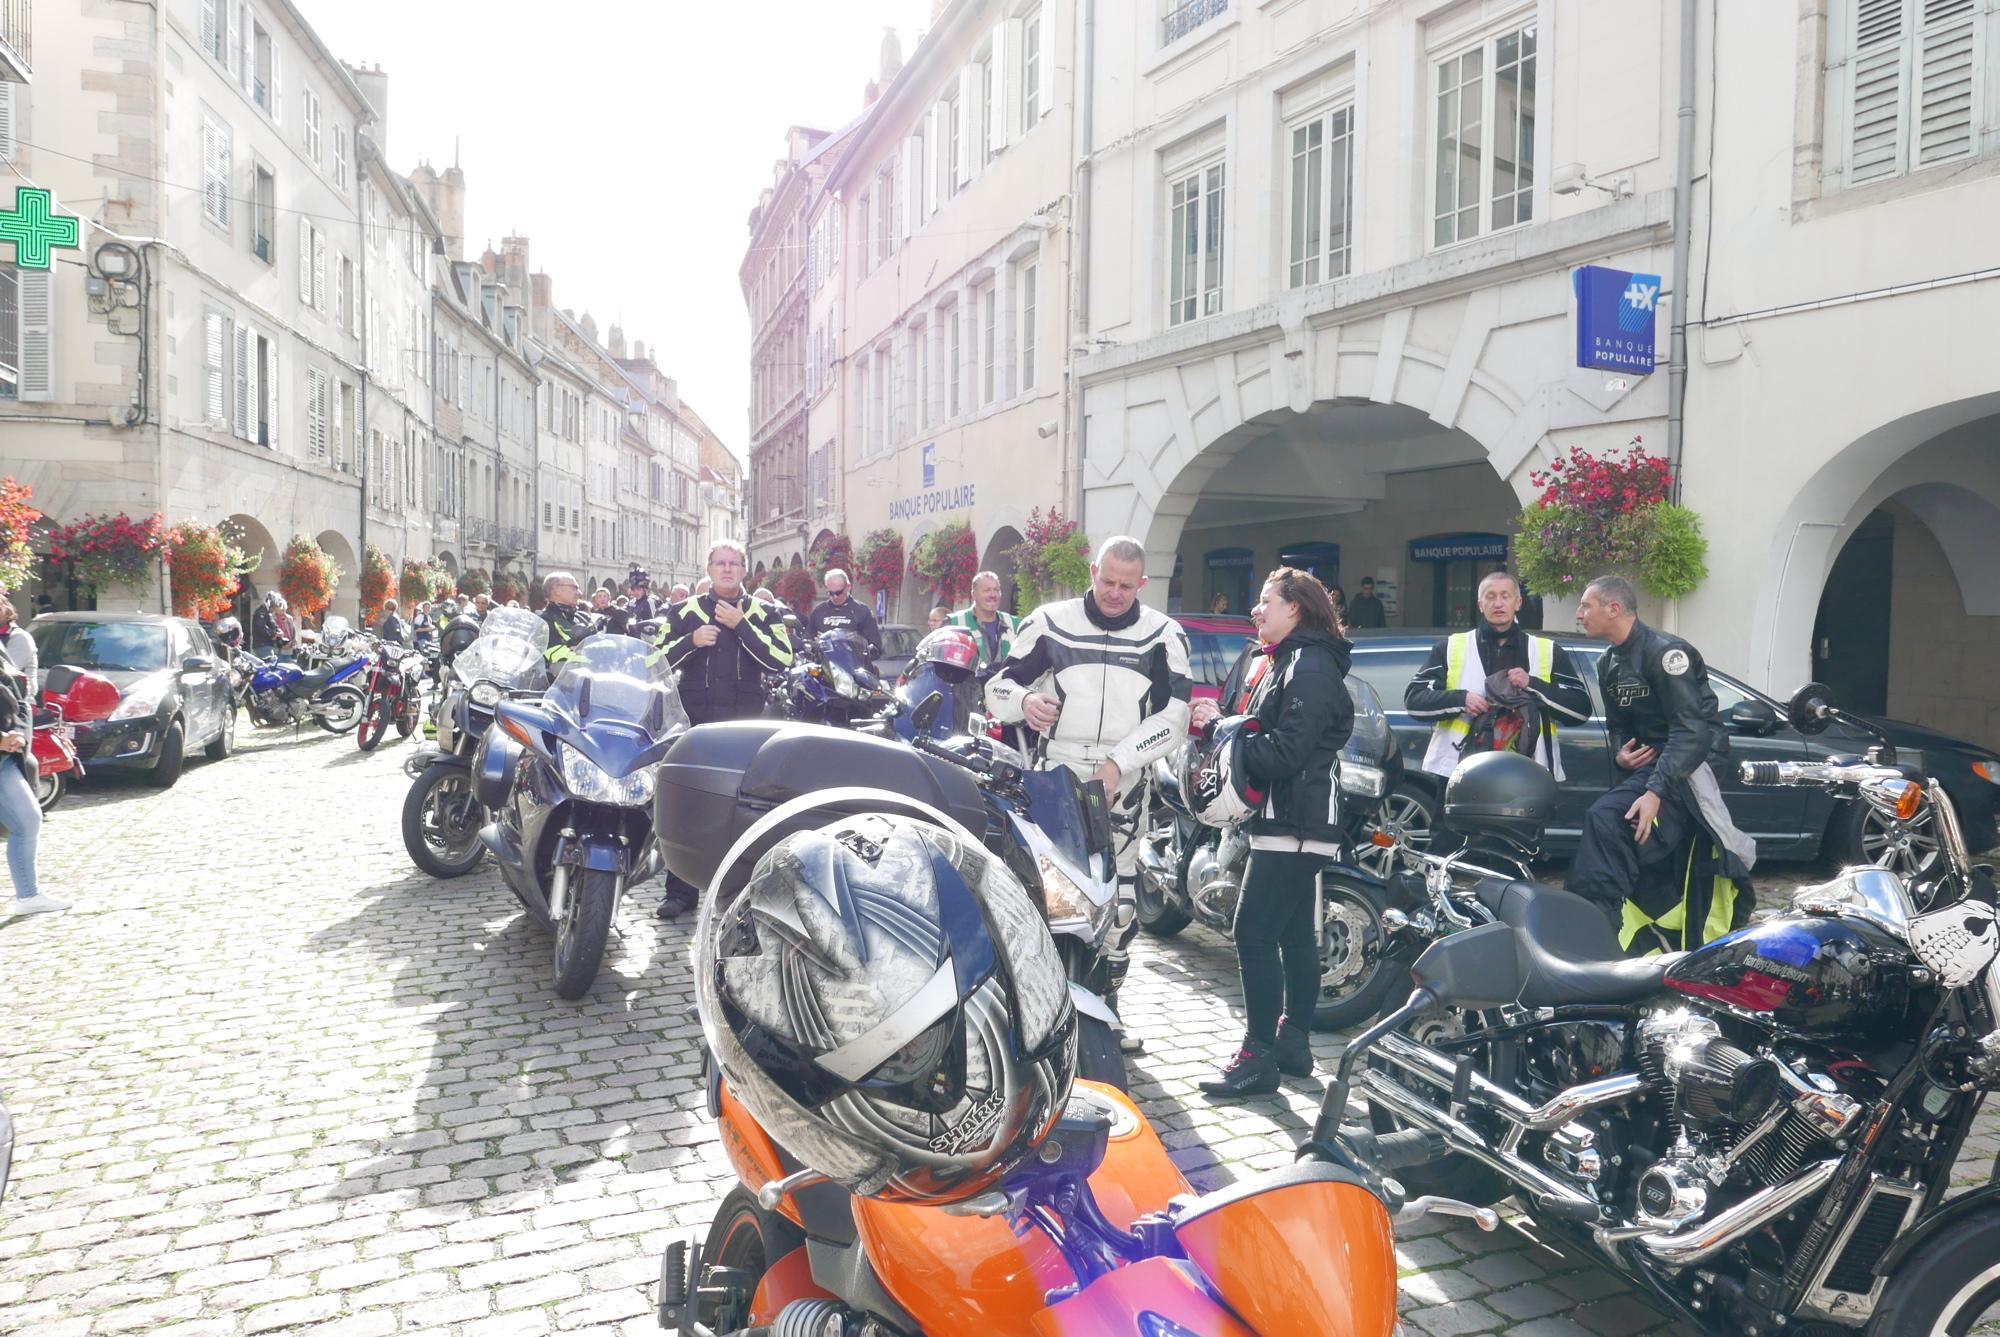 Quand les anti-moto se déchaînent, les motards doivent réagir!